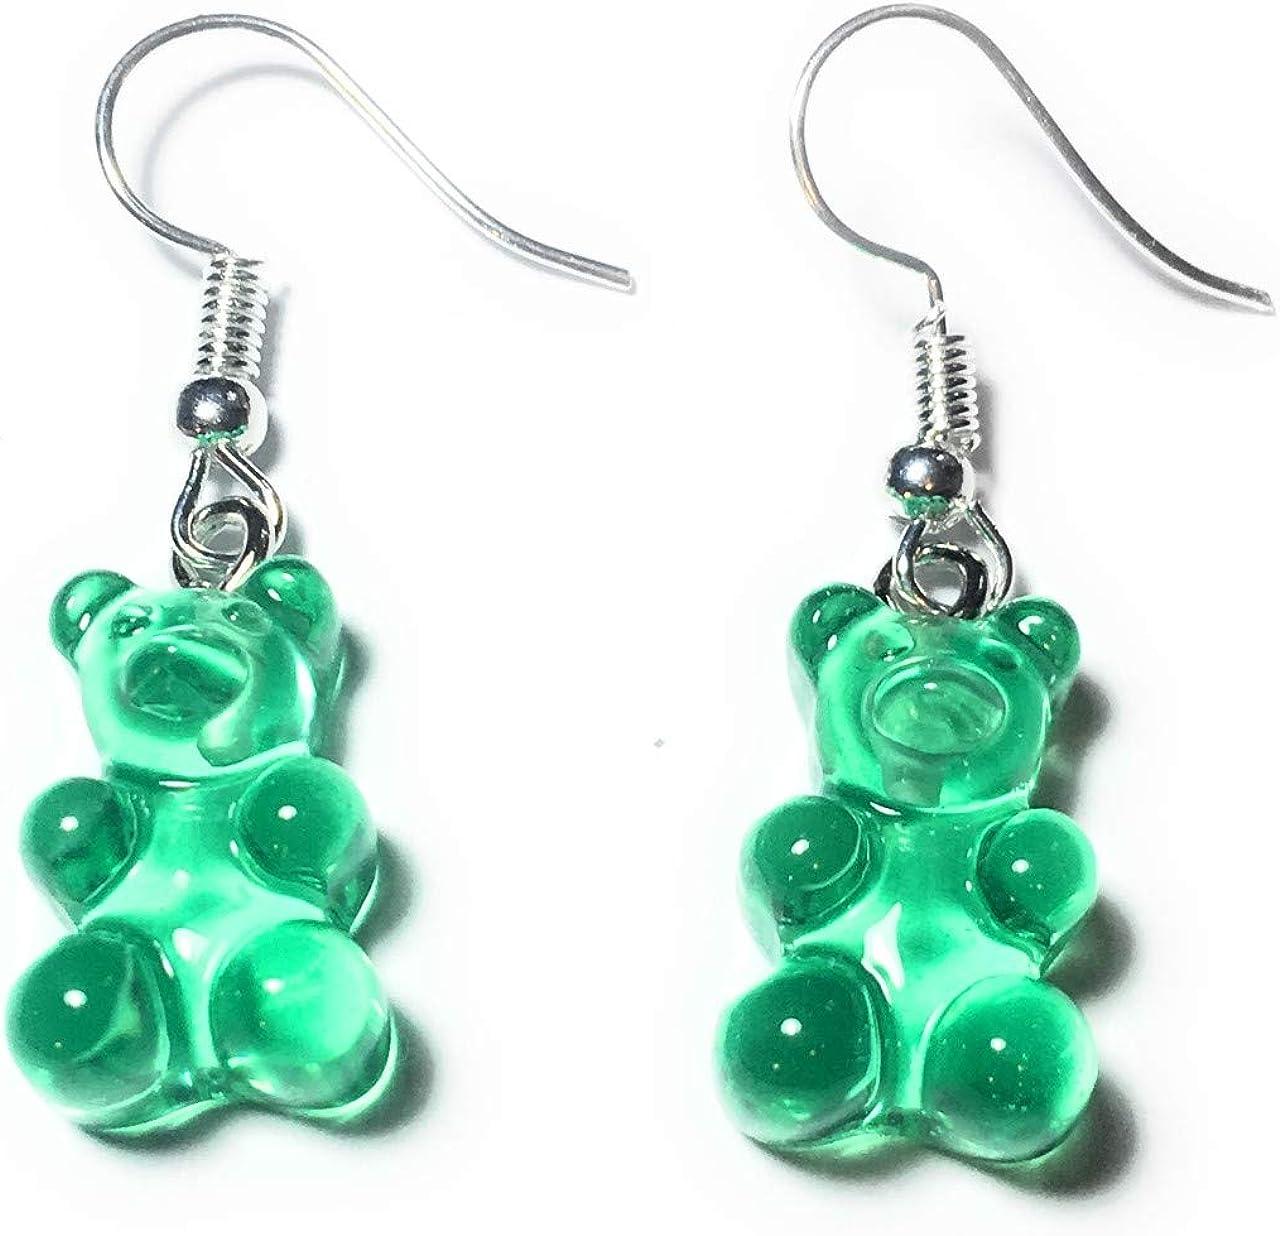 Regalos FizzyButton translúcido Gummy Bear bebé de la Jalea Los Pendientes de Gota (Verde) con los alambres de Plata oído Plateado